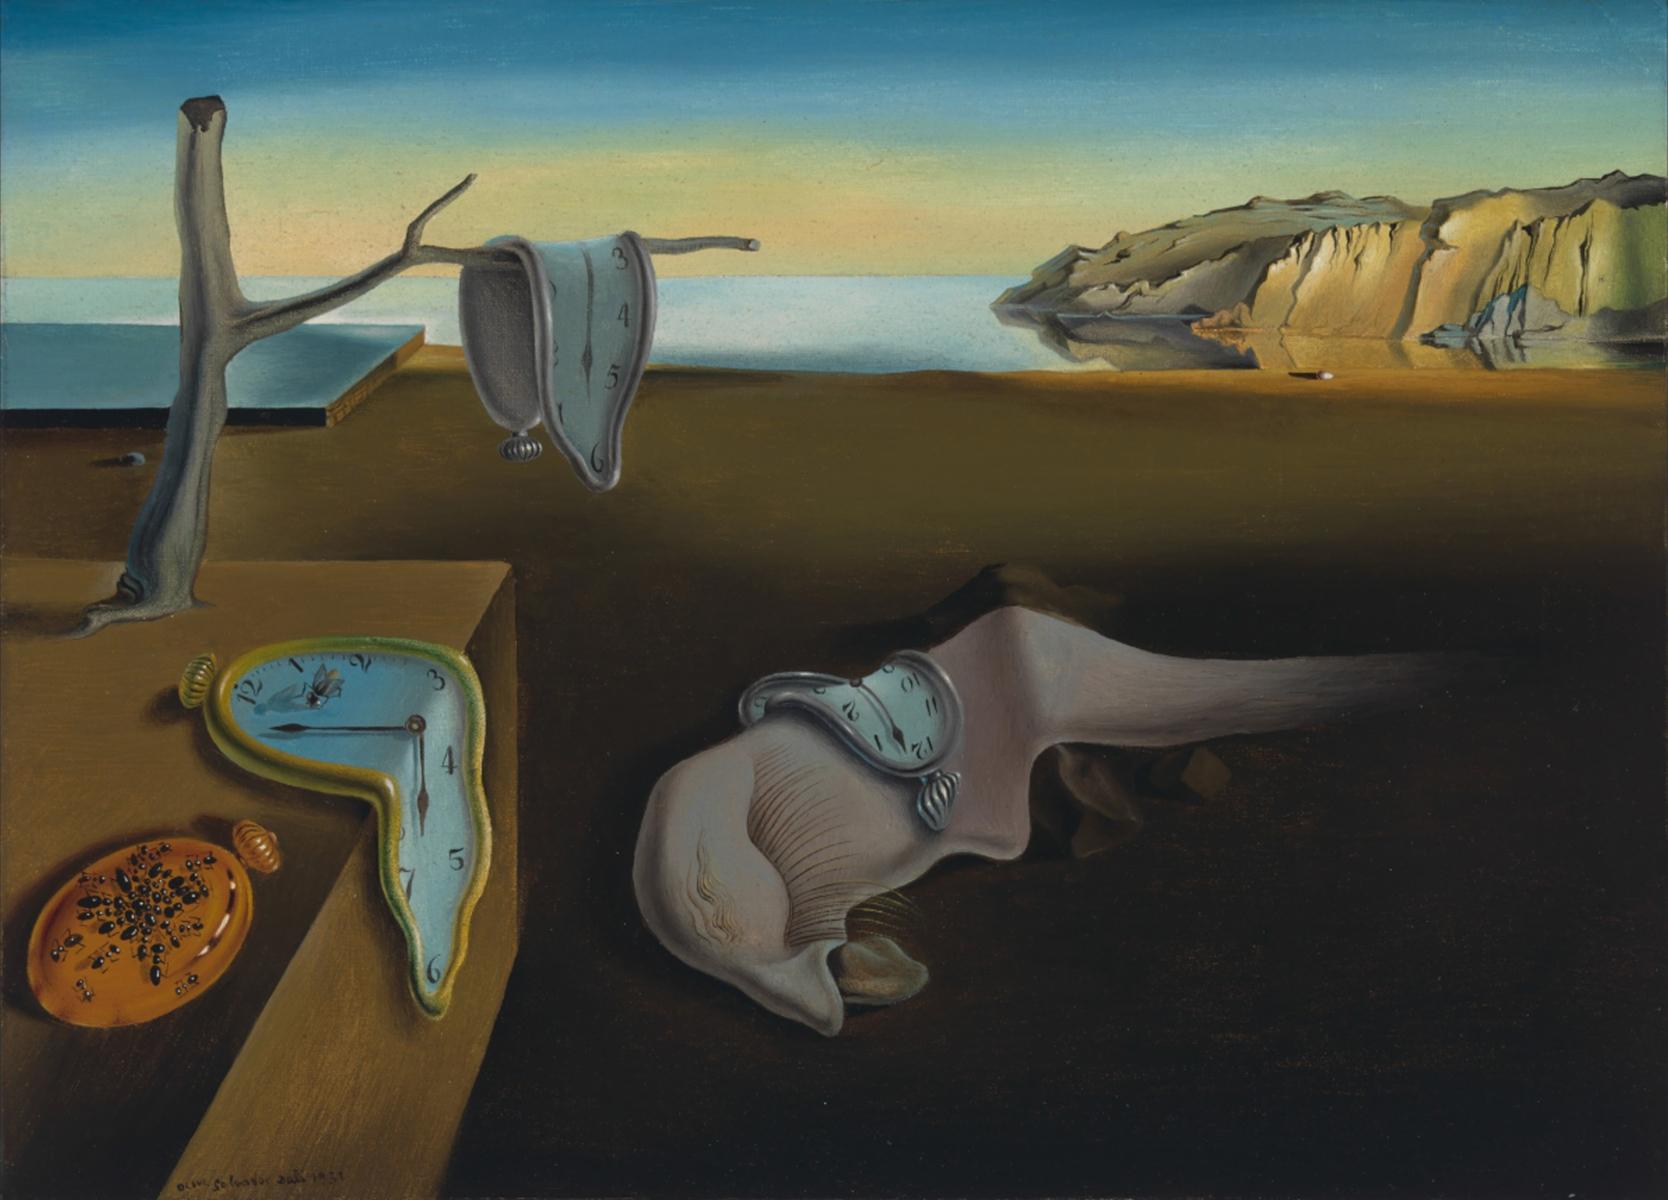 Memoria, tempo, liquefazione. Salvador Dalí, orologiaio: influenze, persistenze, ispirazioni